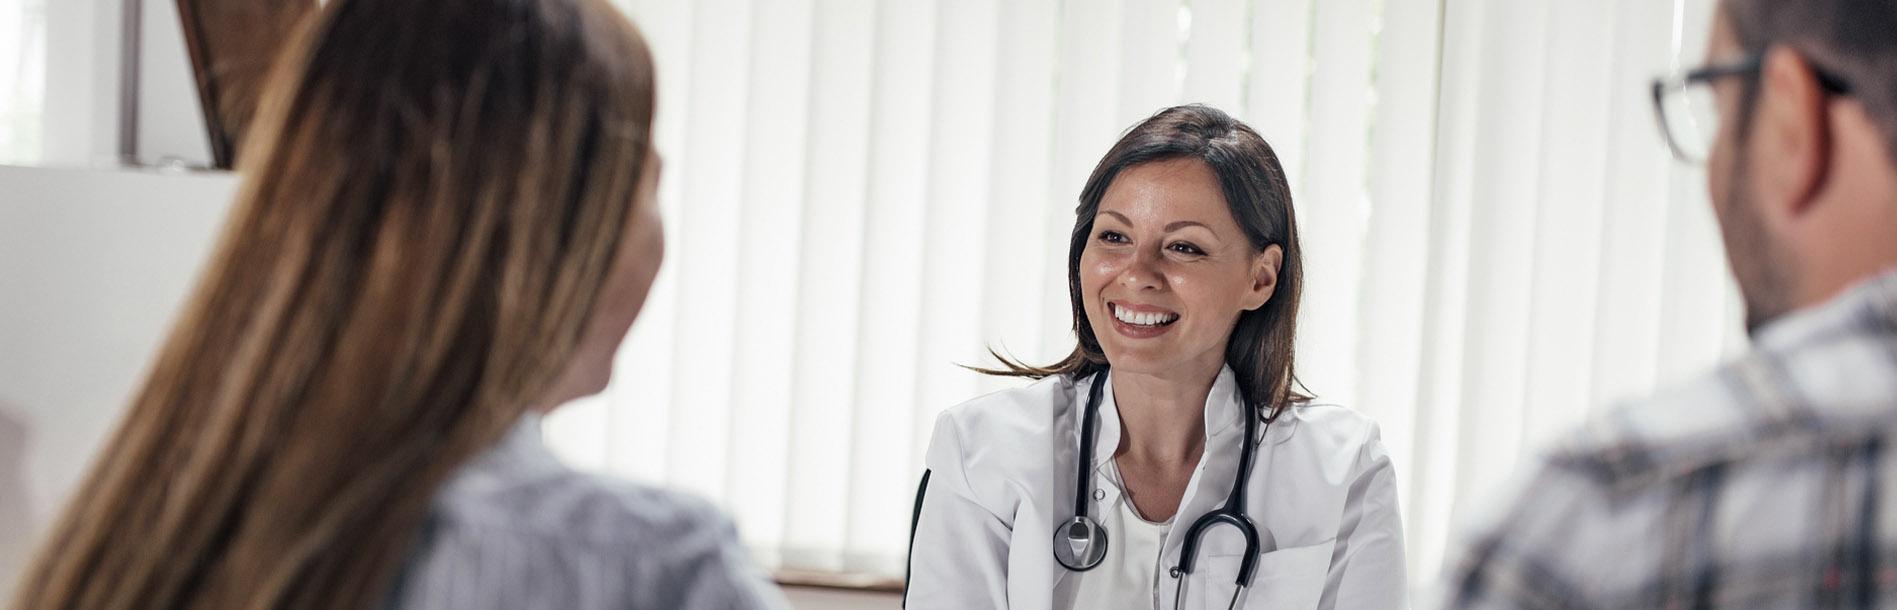 Dicas para engravidar: quais exames são essenciais para quem está tentando?